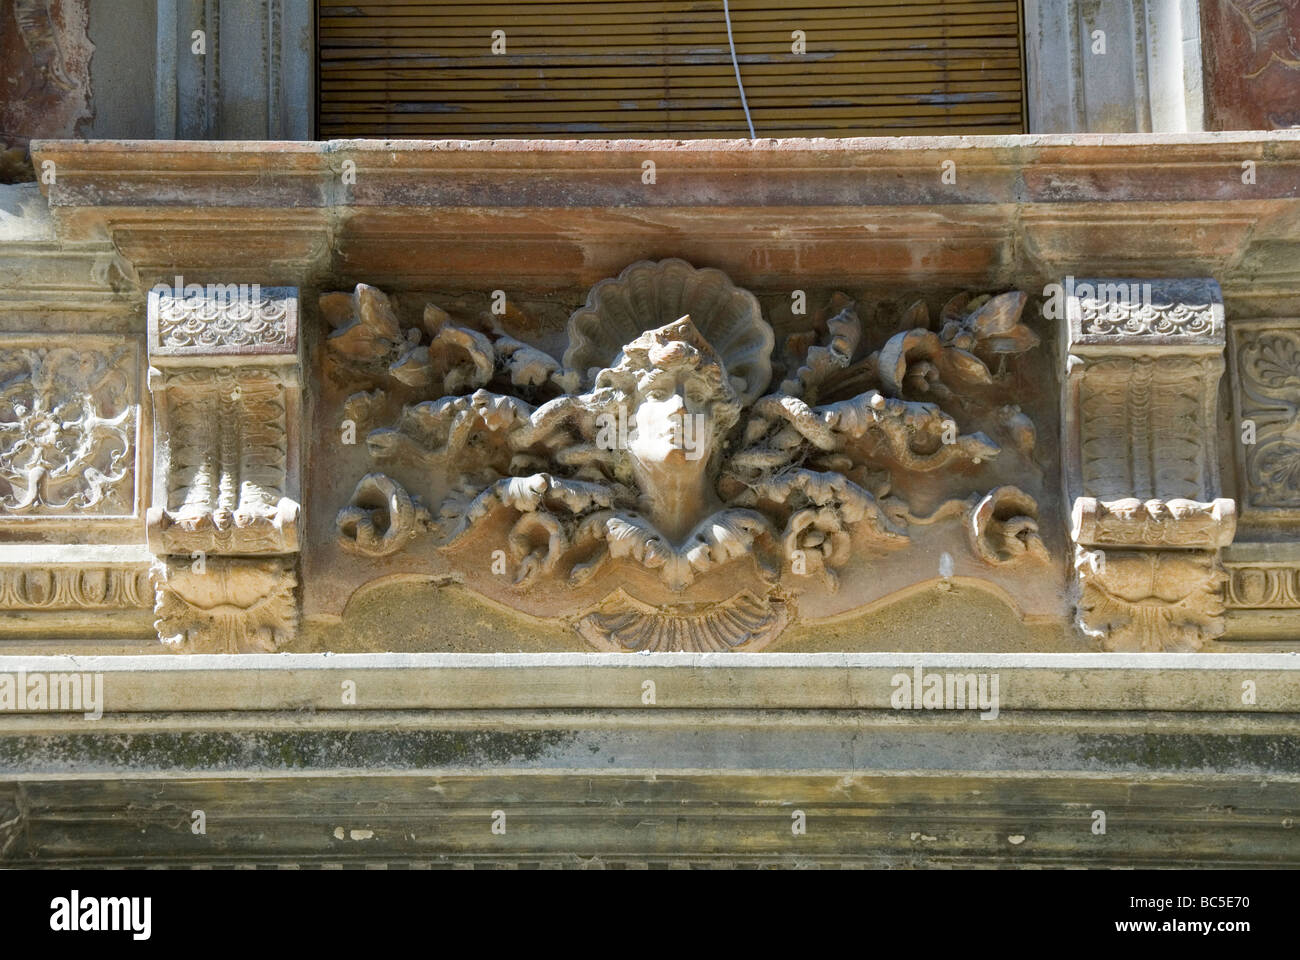 Stile Liberty o Art Nouveau fregio in terracotta decorazione sul lato esterno di un palazzo a Castiglione del Lago Immagini Stock